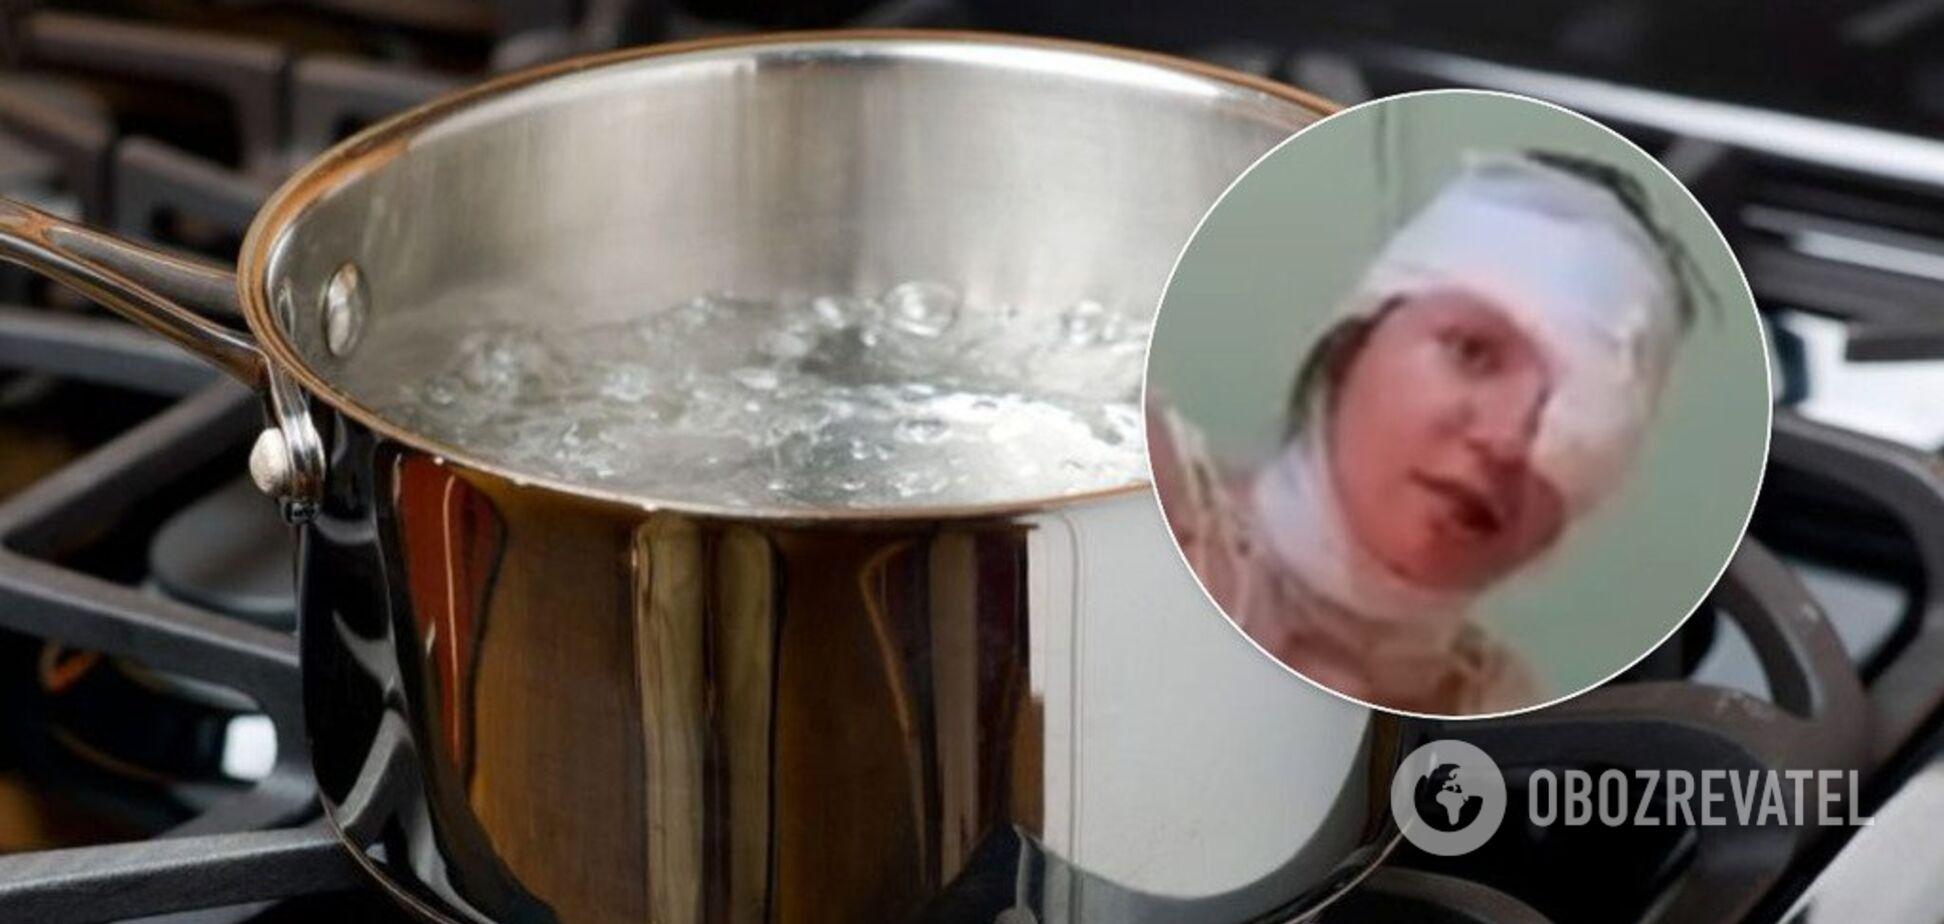 У Запоріжжі чоловік облив дружину окропом: з постраждалою трапилася нова трагедія